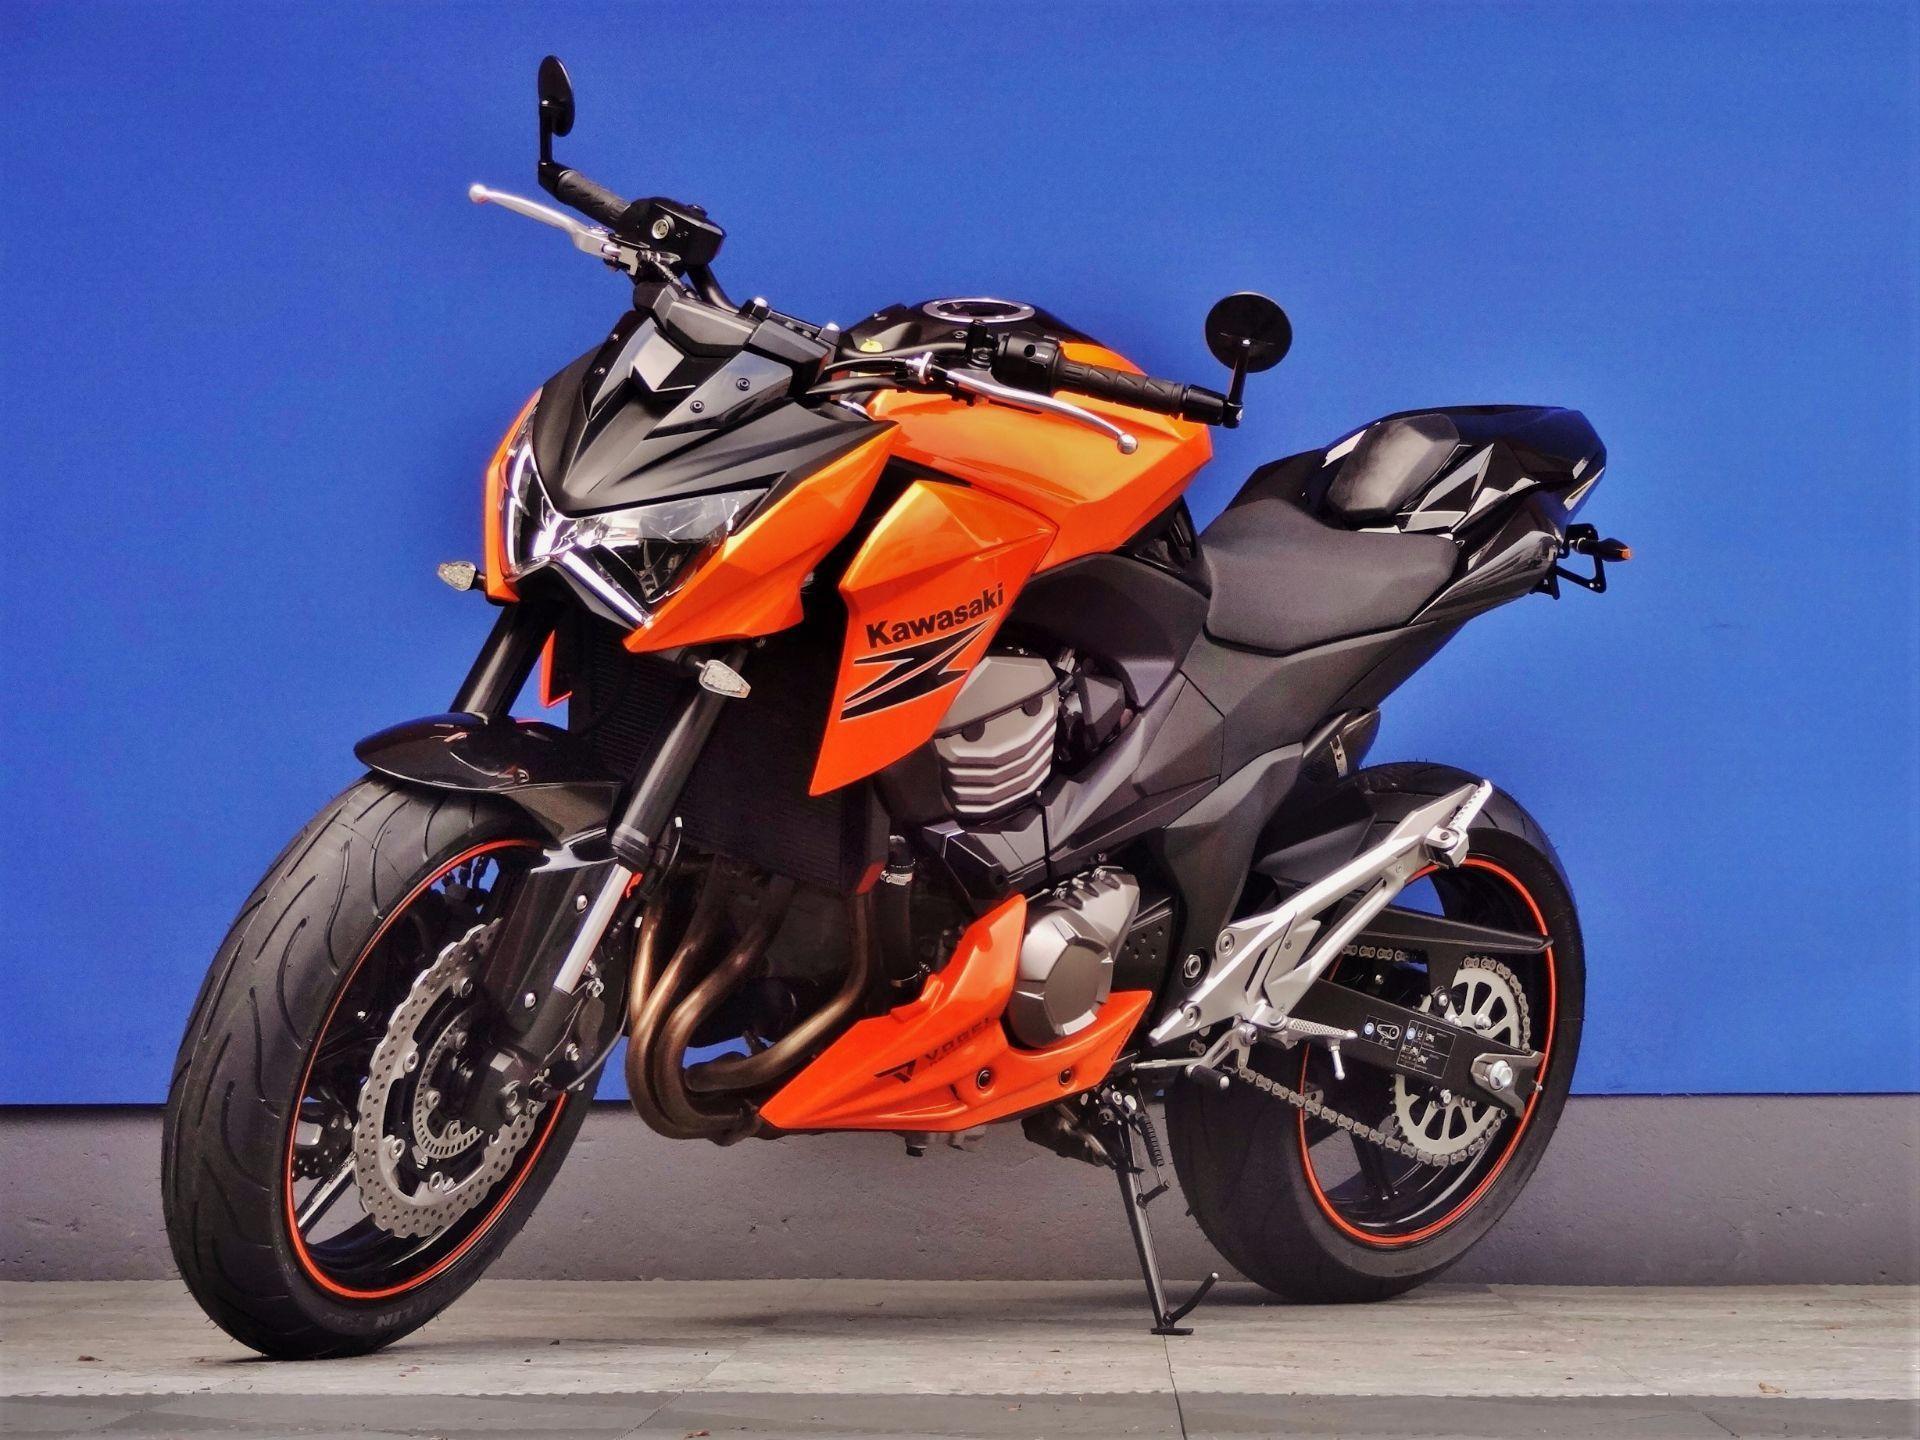 motorrad occasion kaufen kawasaki z 800 e abs 25kw akrapovic vogel motorbikes sch pfheim. Black Bedroom Furniture Sets. Home Design Ideas